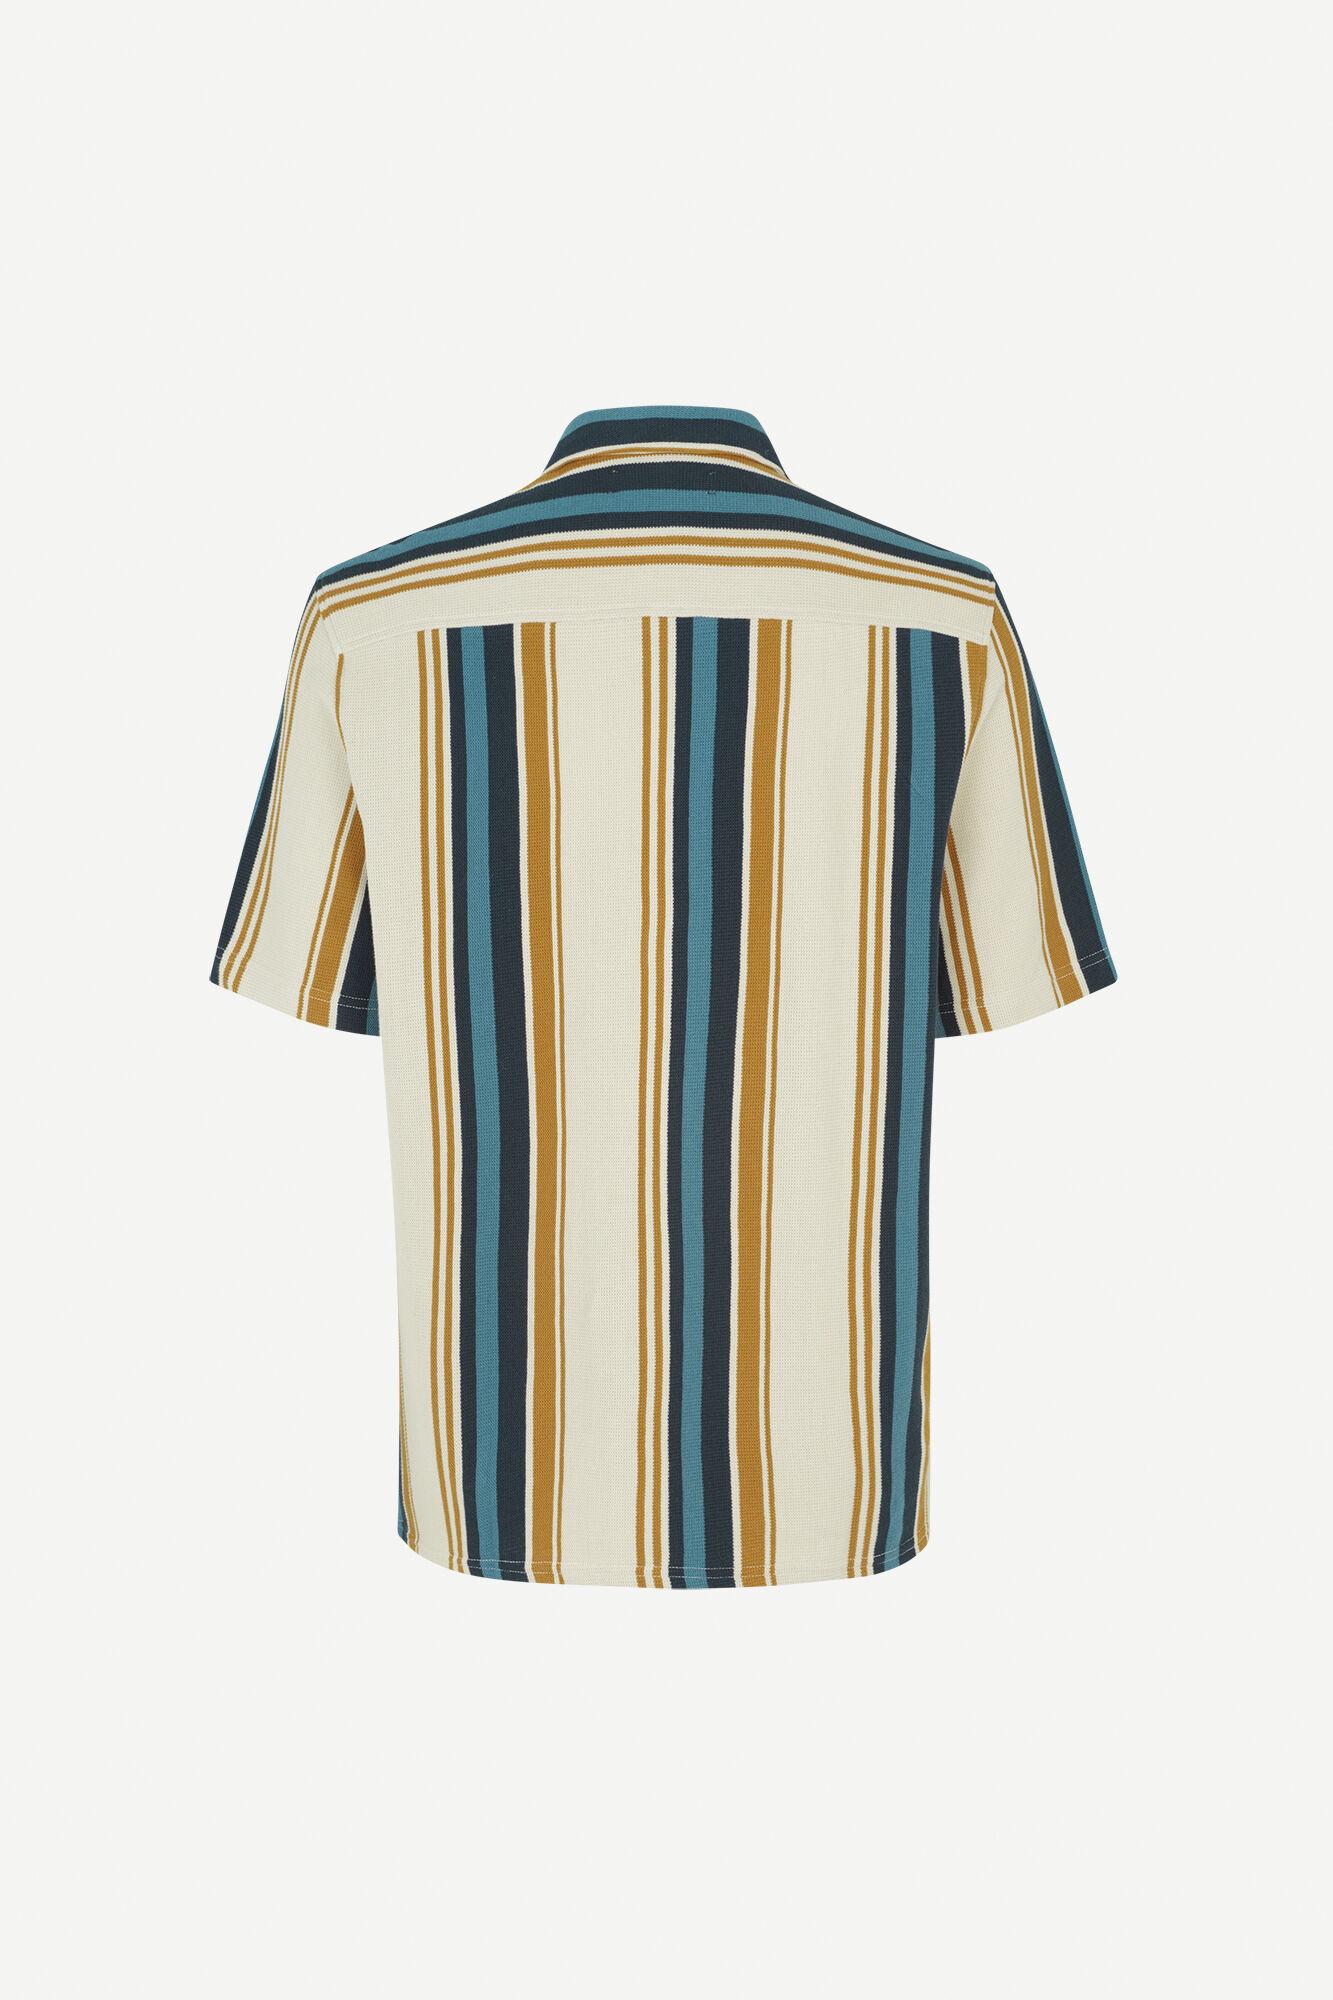 Kvistbro gestreept overhemd ecru 11565-2